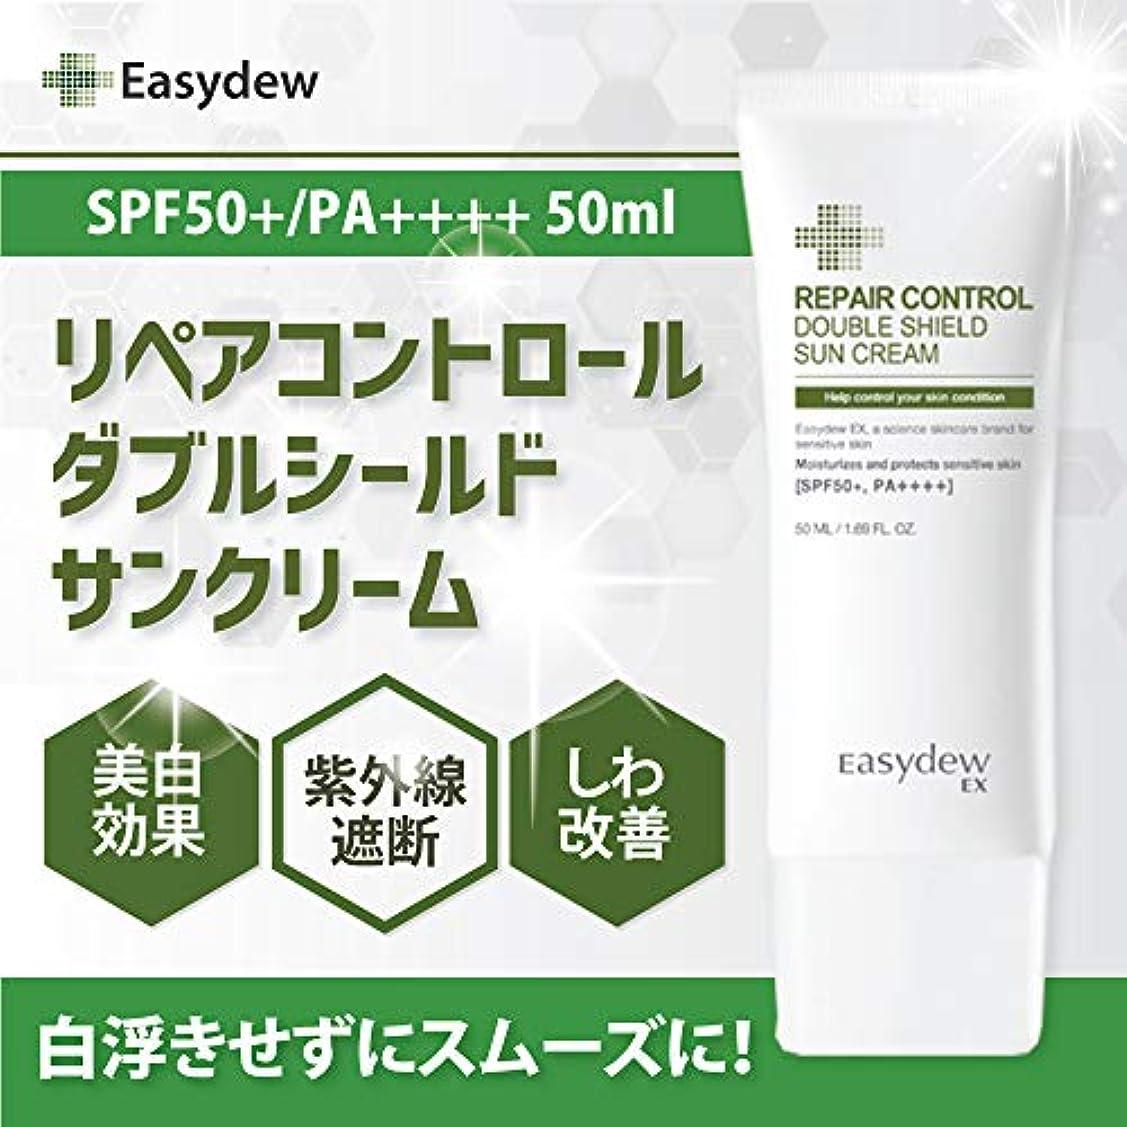 偽善者松割り当てますデウン製薬 リペア コントロール ダブル シールド サン?クリーム SPF50+/PA++++ 50ml. Repair Control Double Shild Sun Cream SPF50+/PA++++ 50ml.